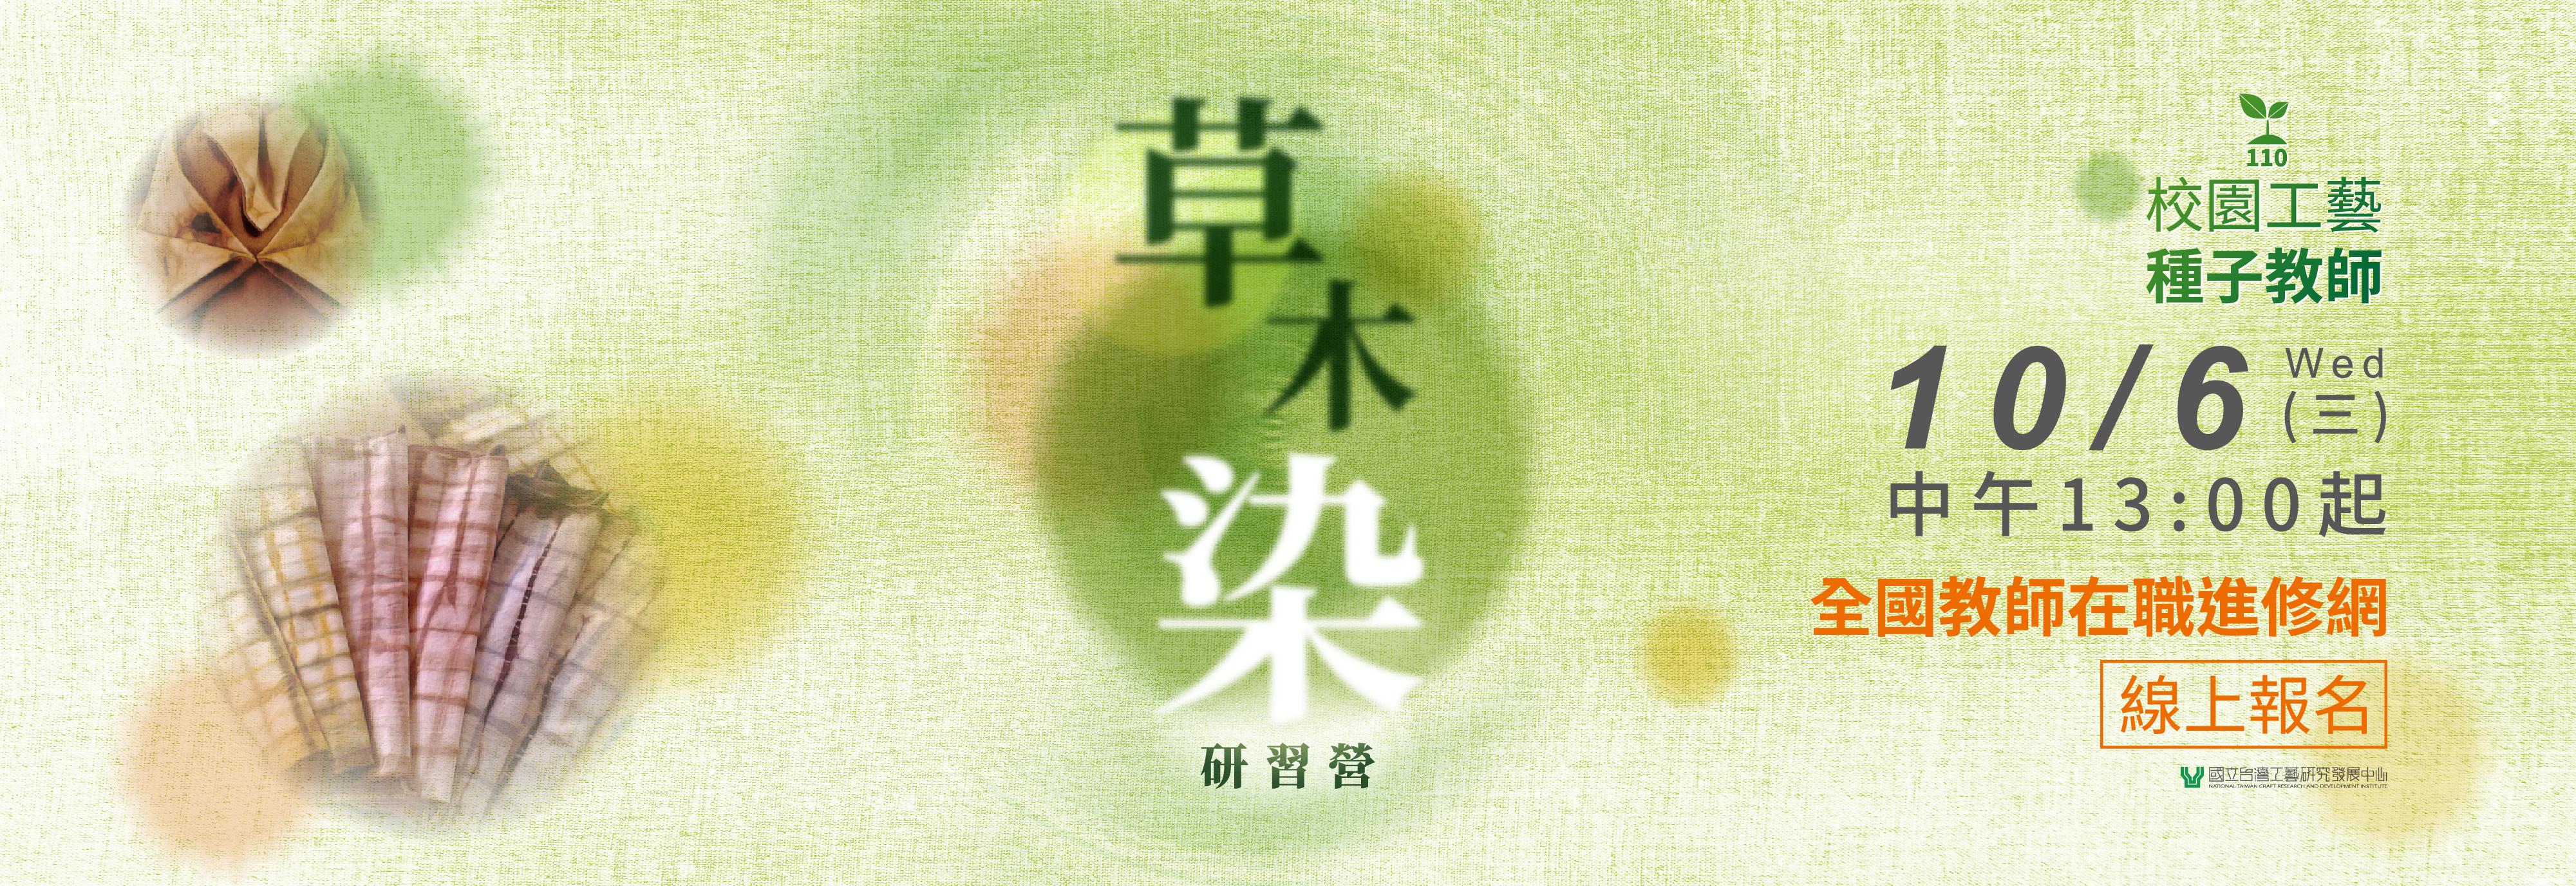 110年校園工藝種子教師研習營-草木染班「另開新視窗」-pc